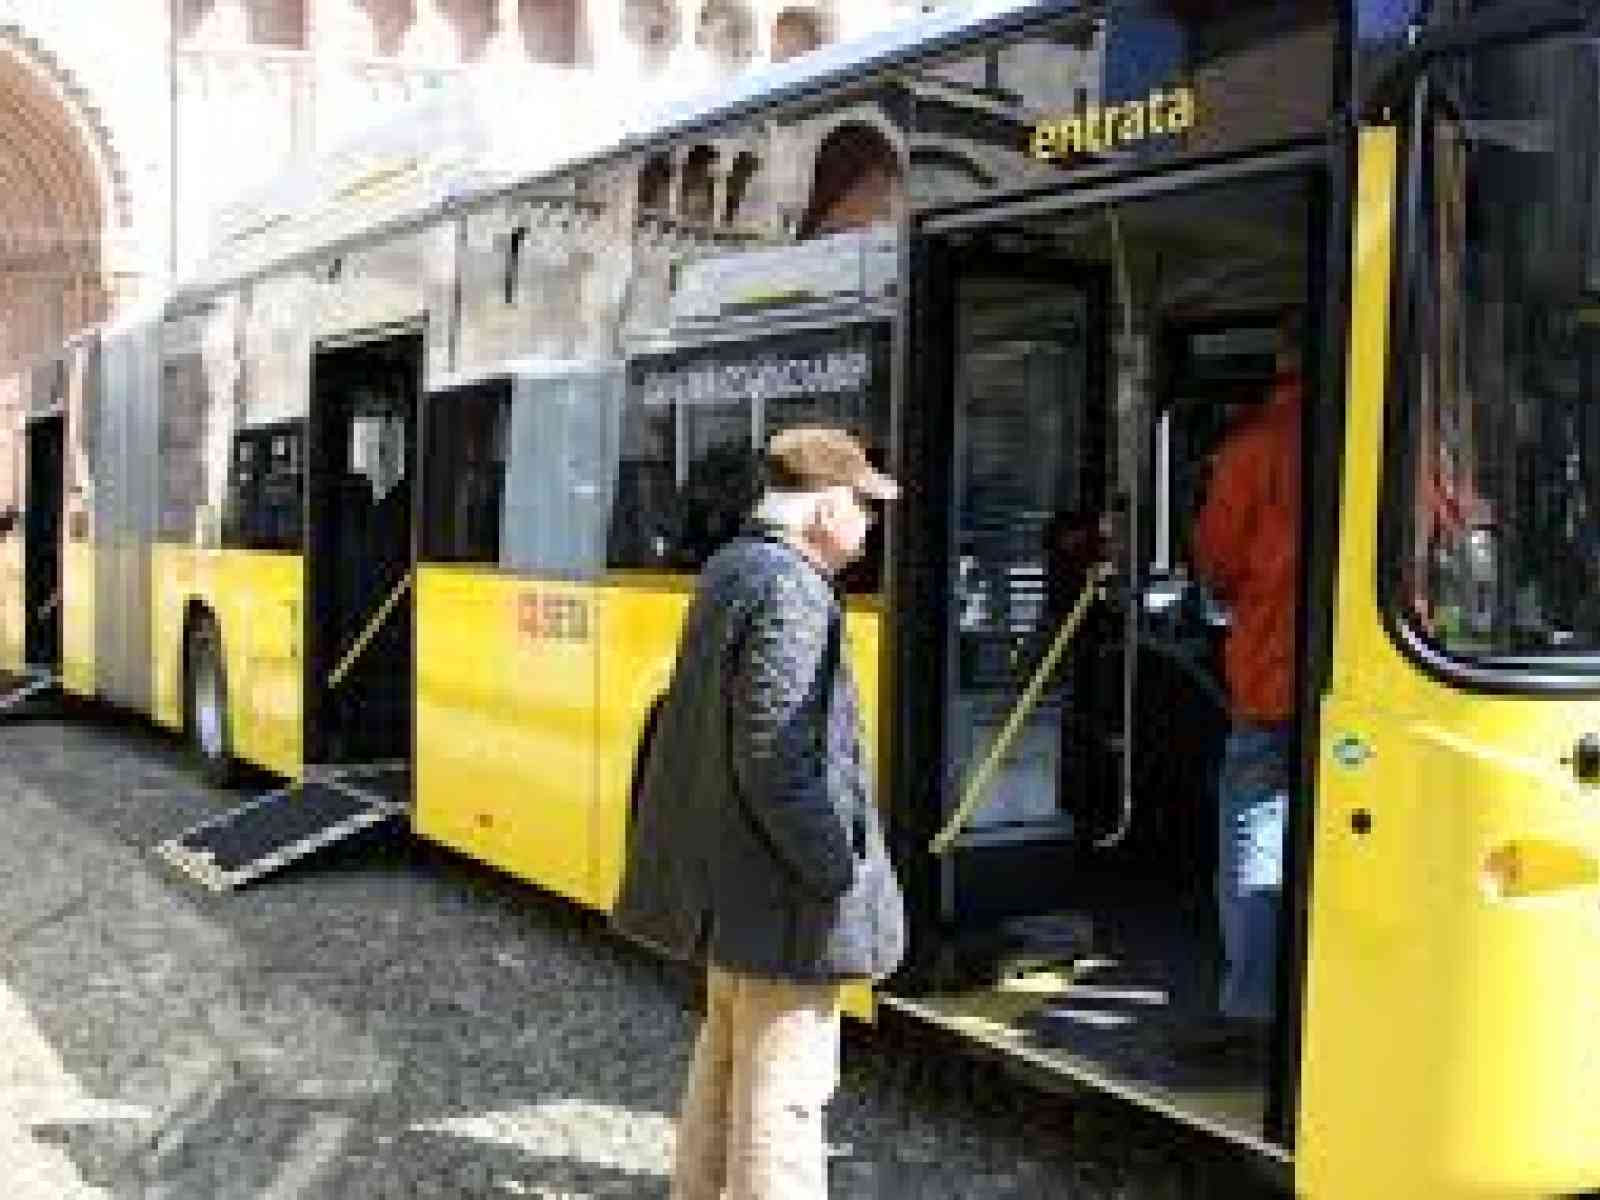 Immagine articolo: Menfi, per gli ultrasessantenni istanza per il trasporto gratuito extraurbano tramite l'Azienda Siciliana Trasporti